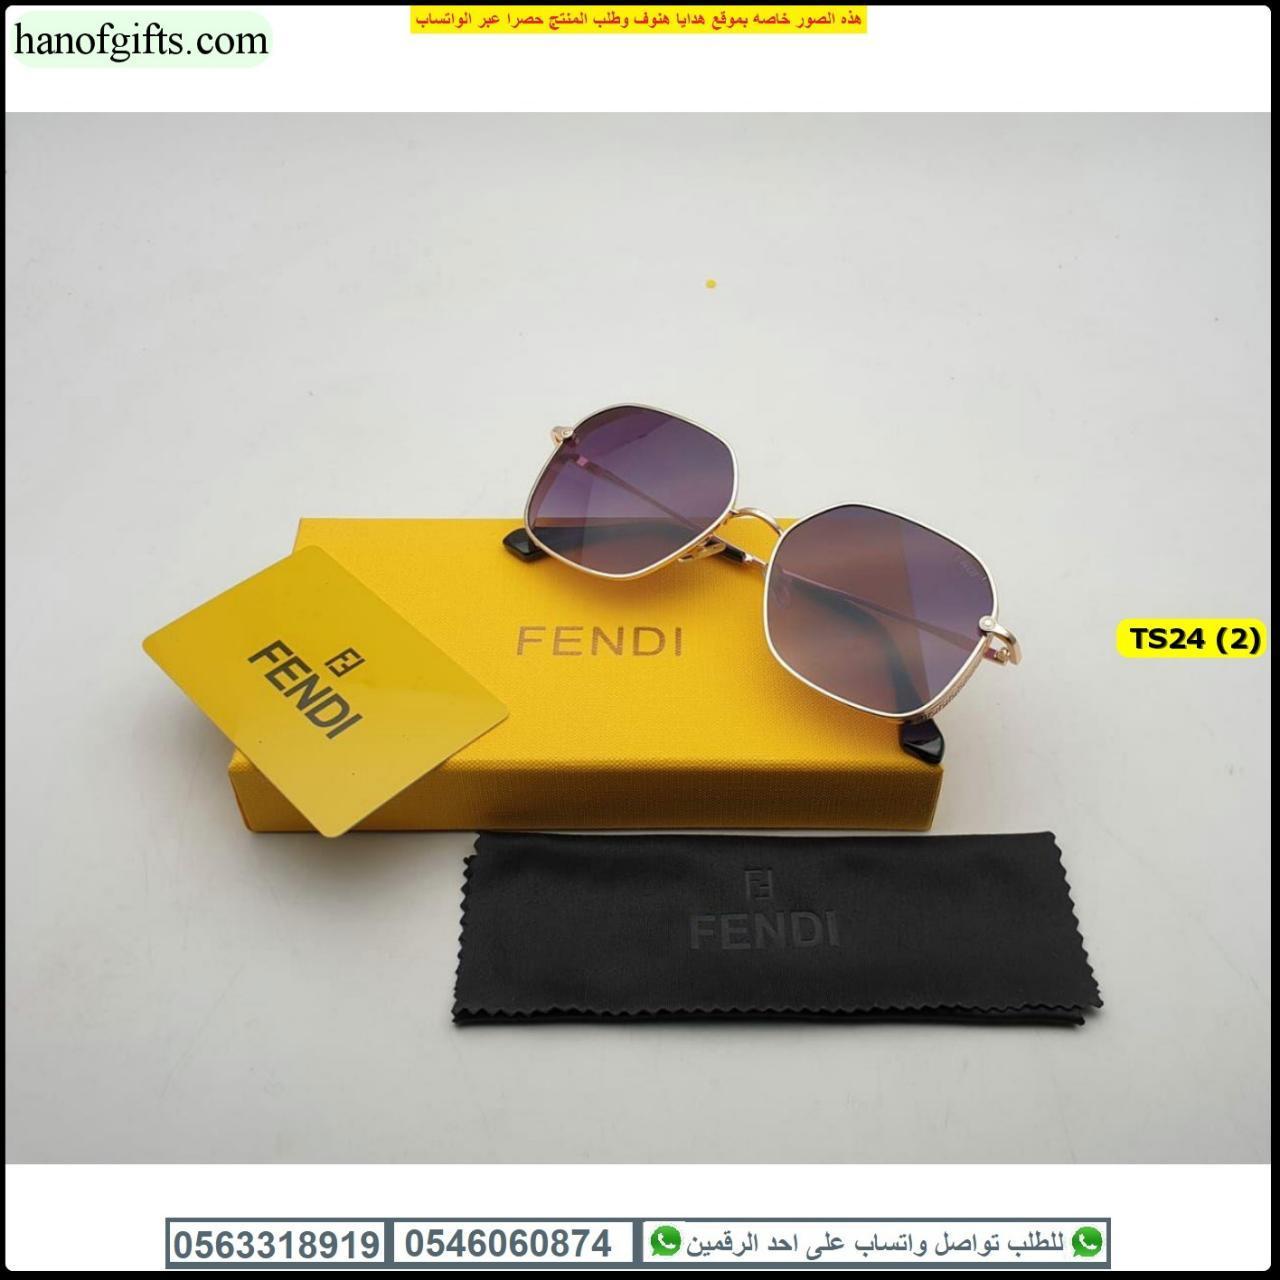 صنادل التجديد الصحوة نظارات Fendi Zetaphi Org